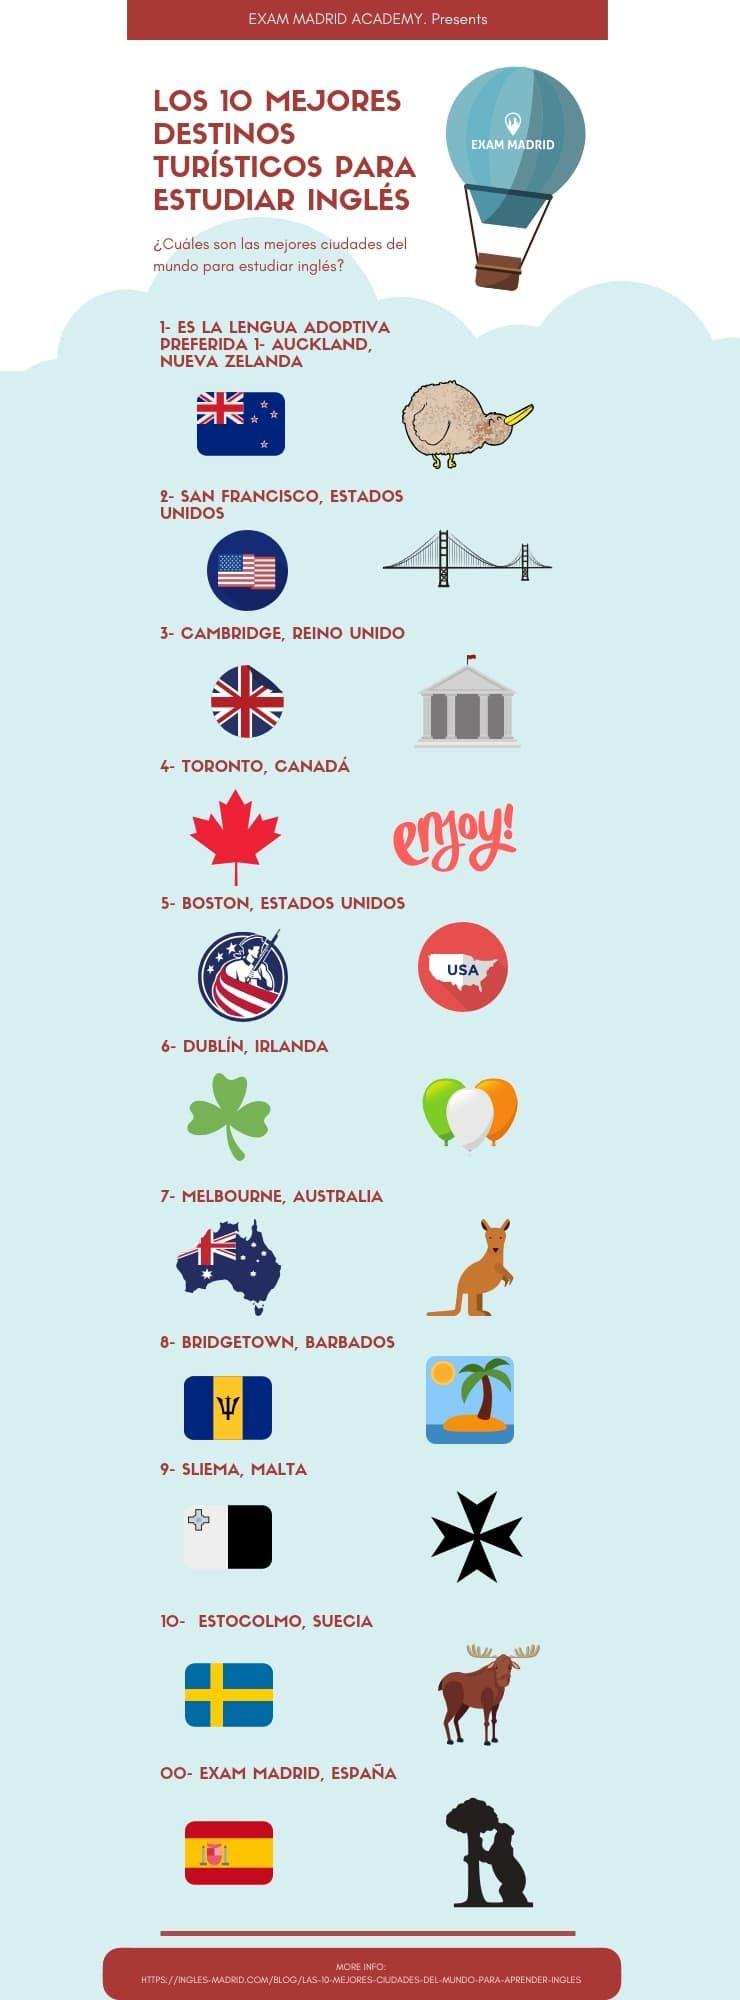 Los 10 Mejores Destinos Turísticos Para Estudiar Inglés 10topciudadesaprenderingles Lasmejoresciudadespara Estudiar Inglés Mejores Destinos Turisticos Ingles